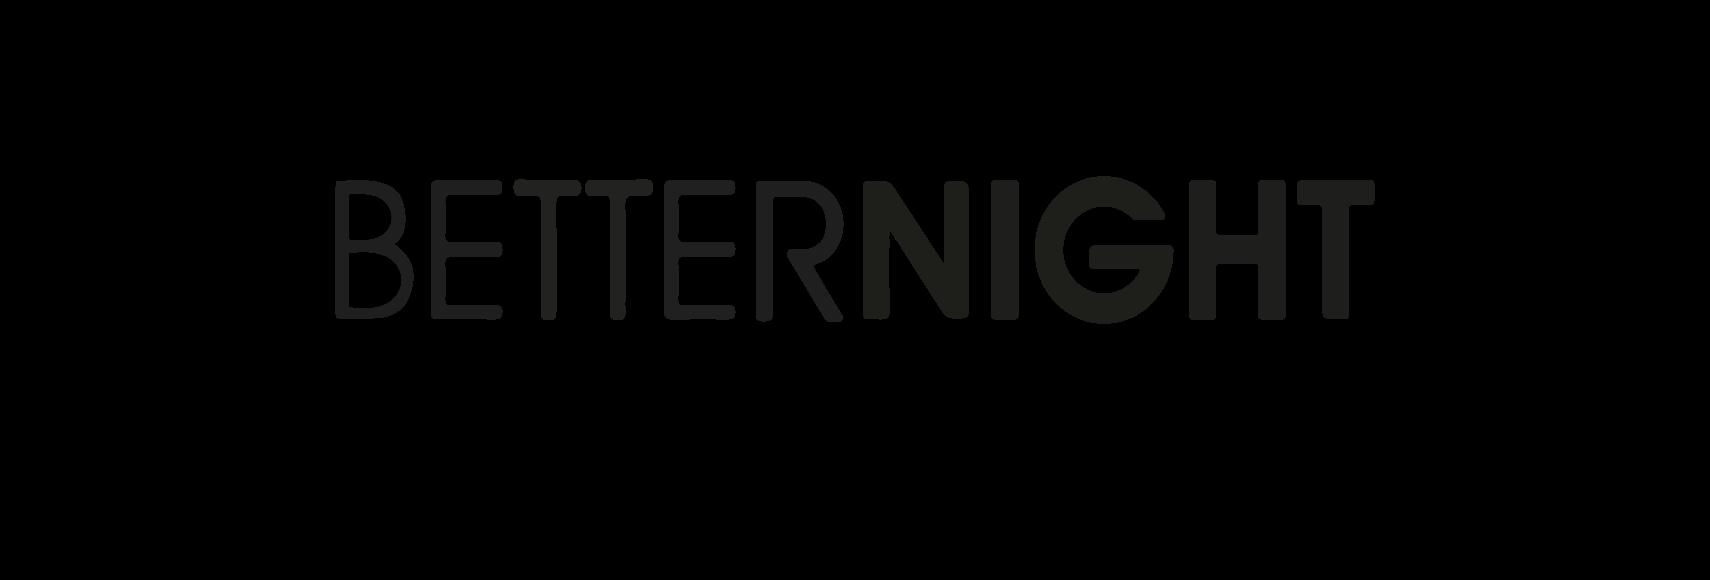 Better Night matelas achat en ligne